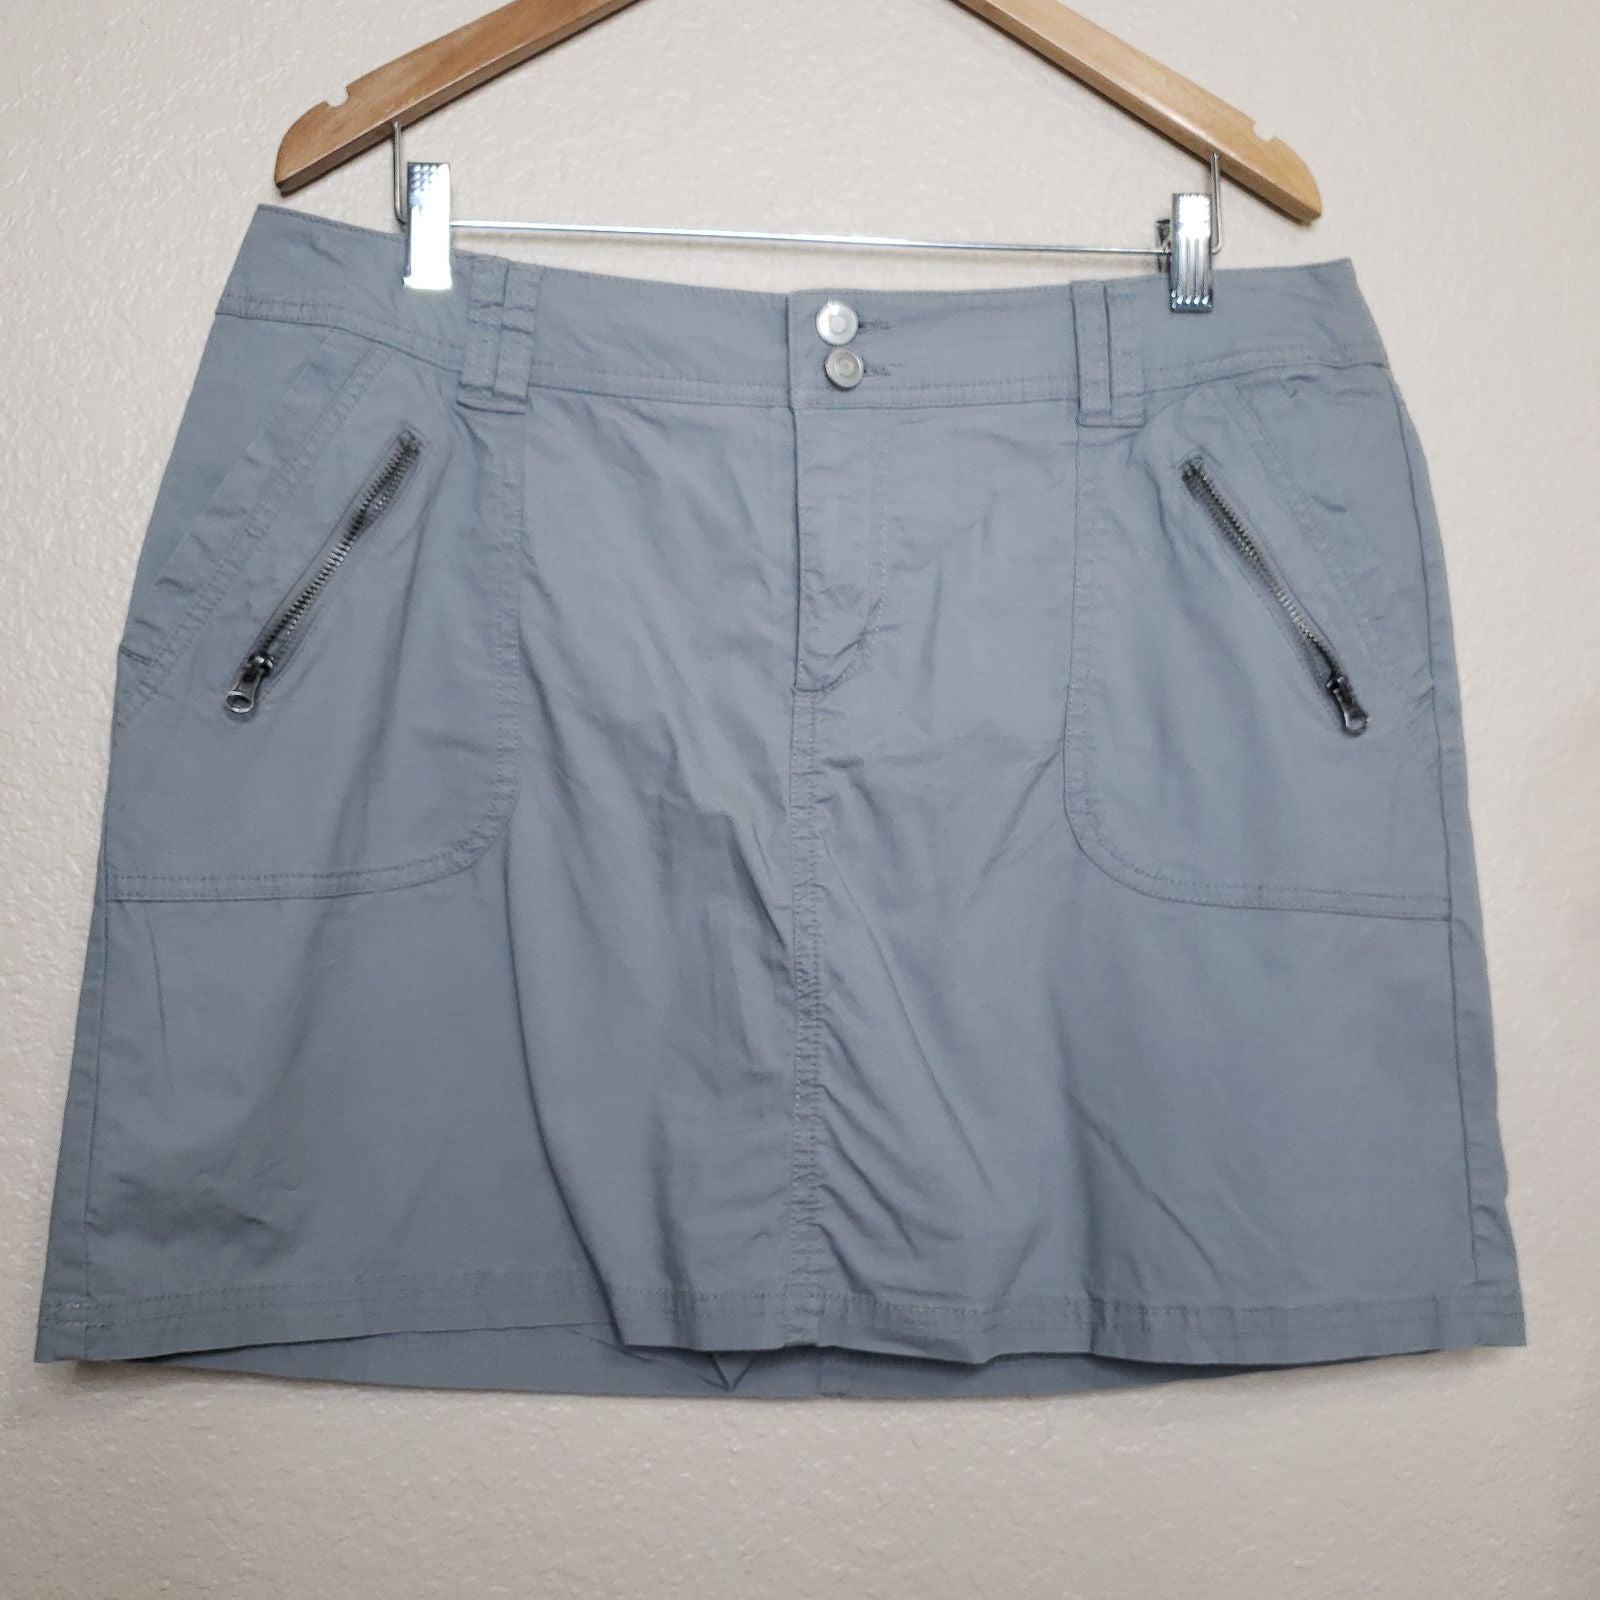 Lane Bryant Grey Skort size 14